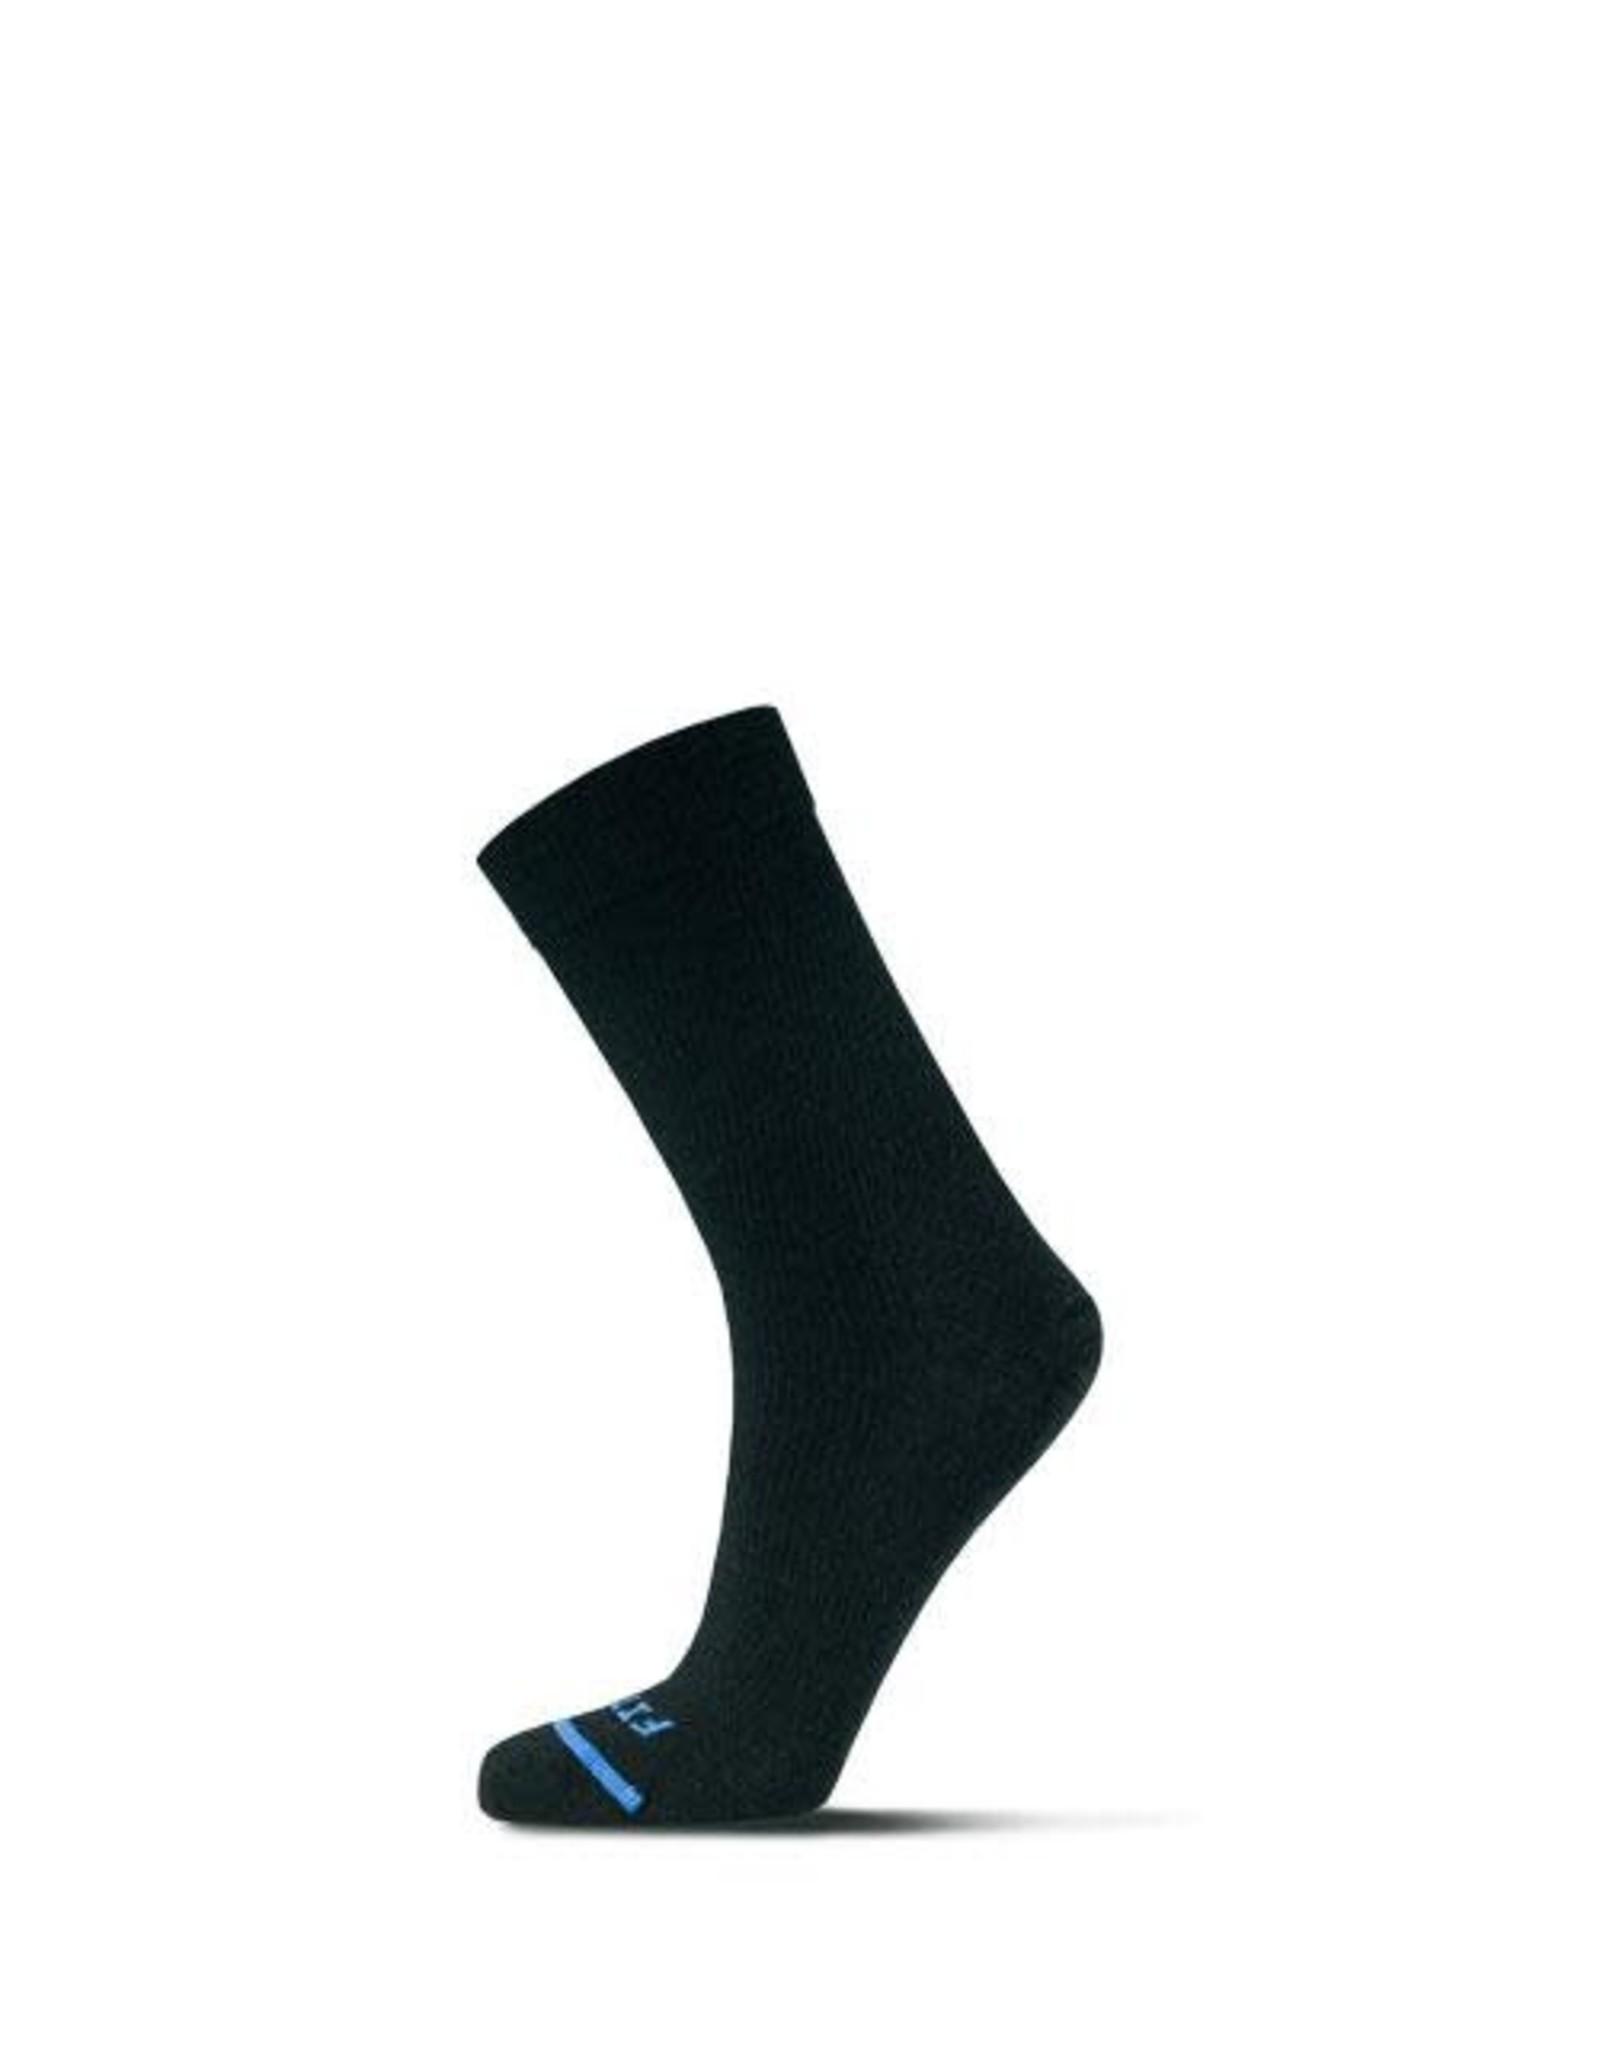 FITS FITS Liner Sock Crew